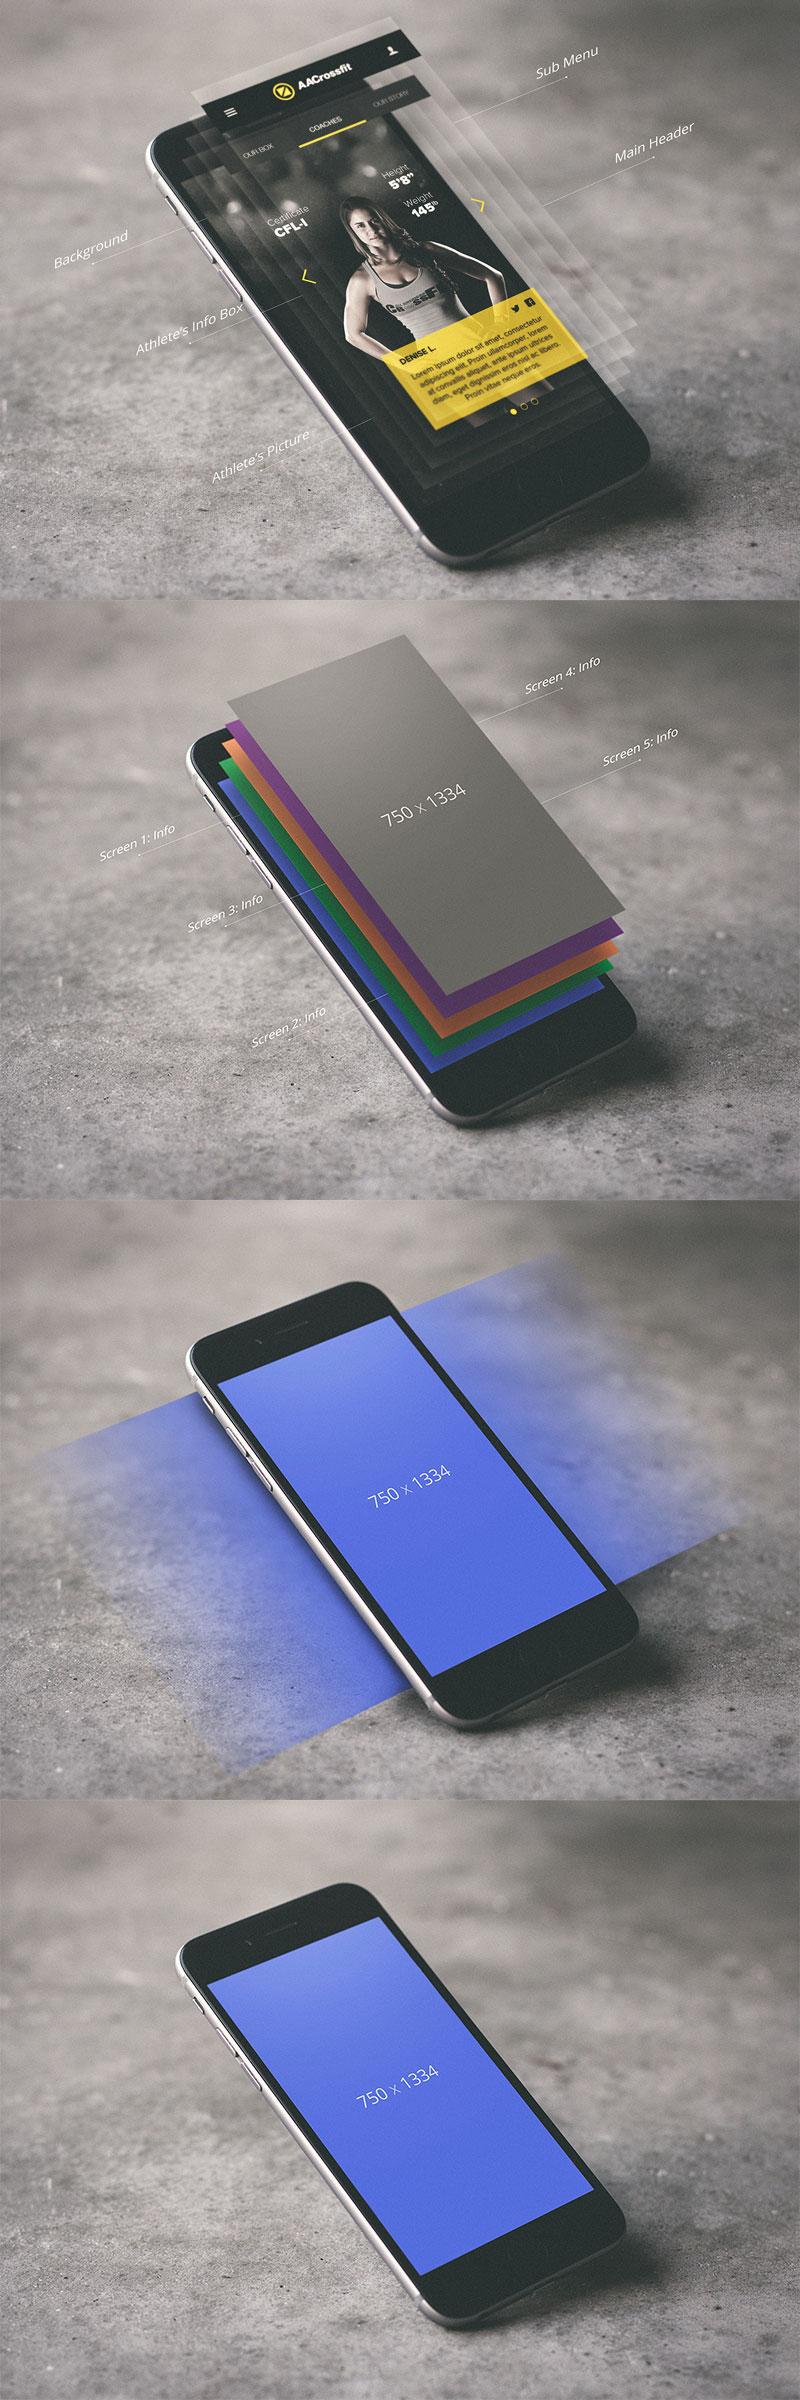 新鲜的酷炫手机APP分层展示模型样机贴图Mockup下载[PSD]设计素材模板